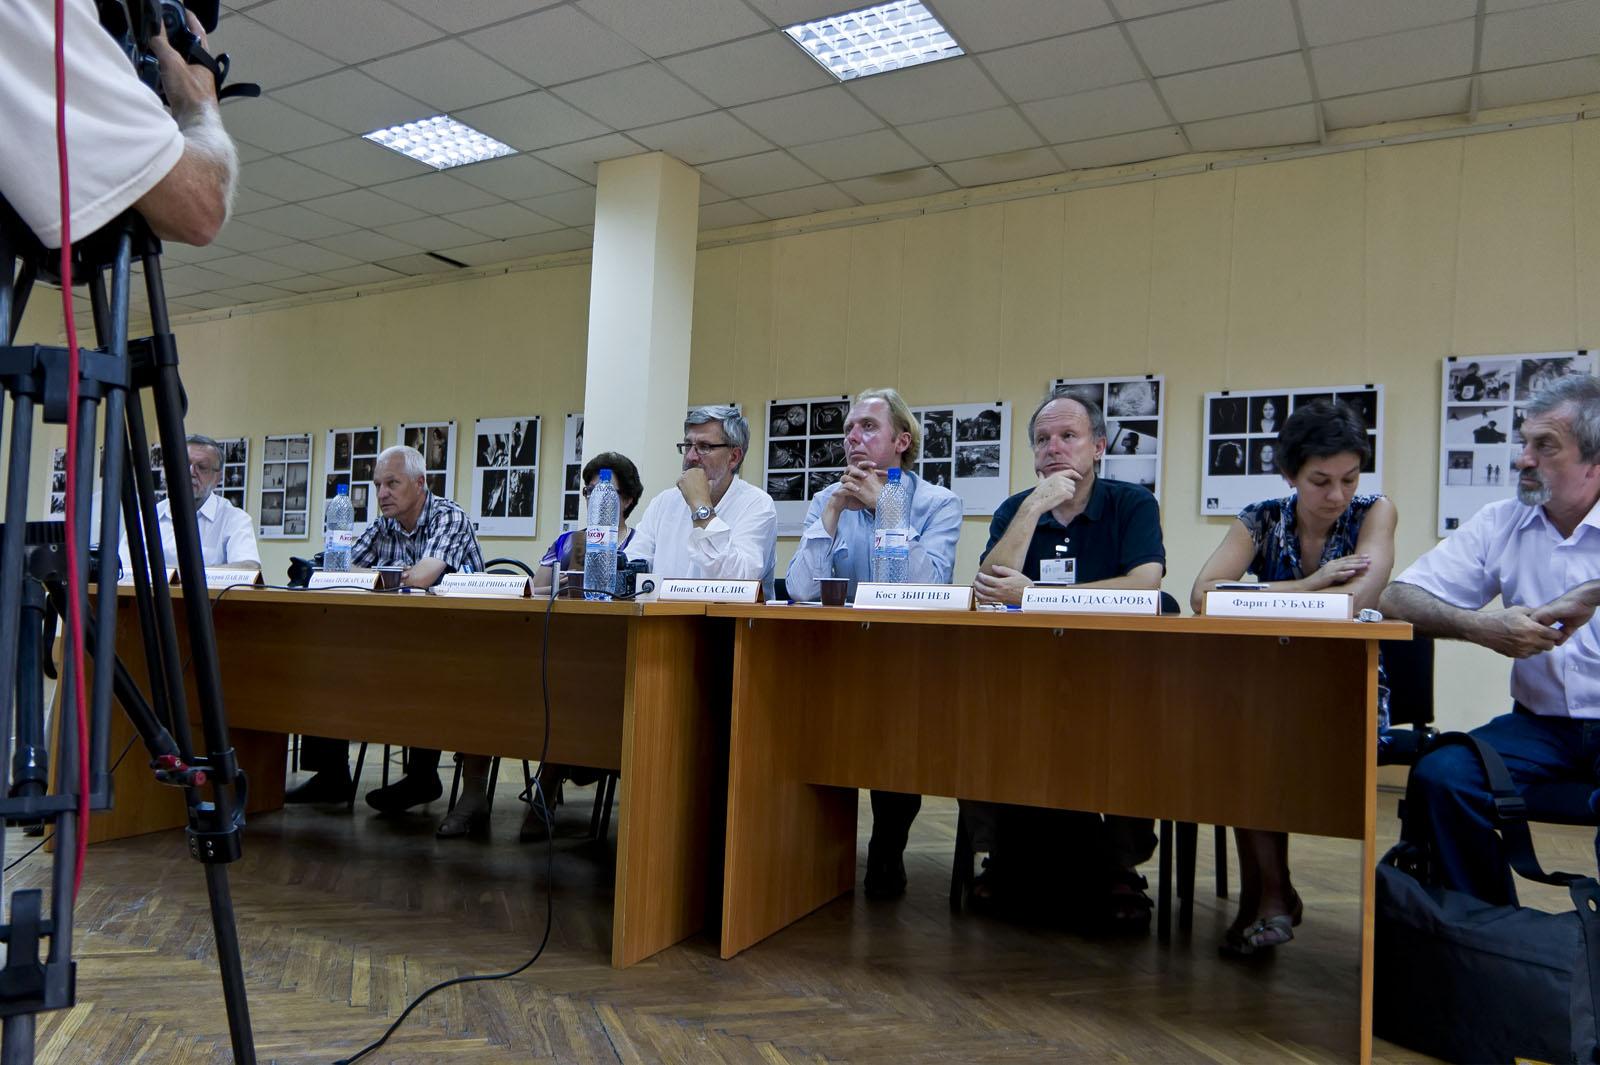 Пресс-конференция в выставочном зале ГМИИ РТ. Жюри конкурса::«Молодые фотографы России – 2011»